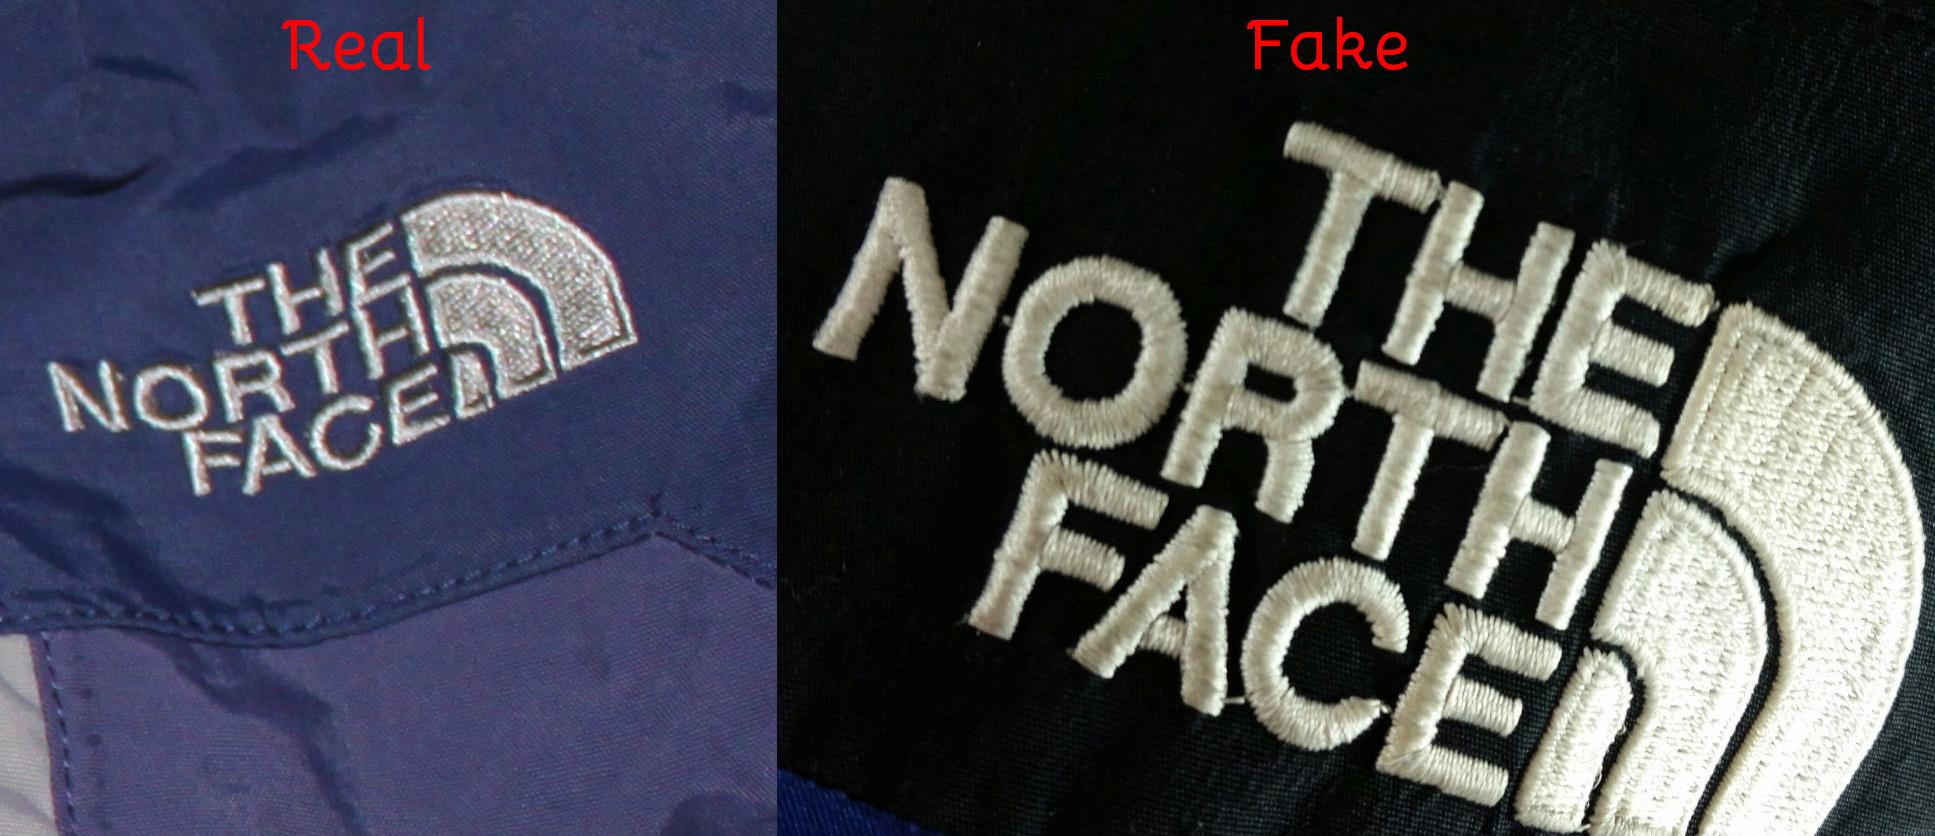 chọn mua áo the north face chính hãng